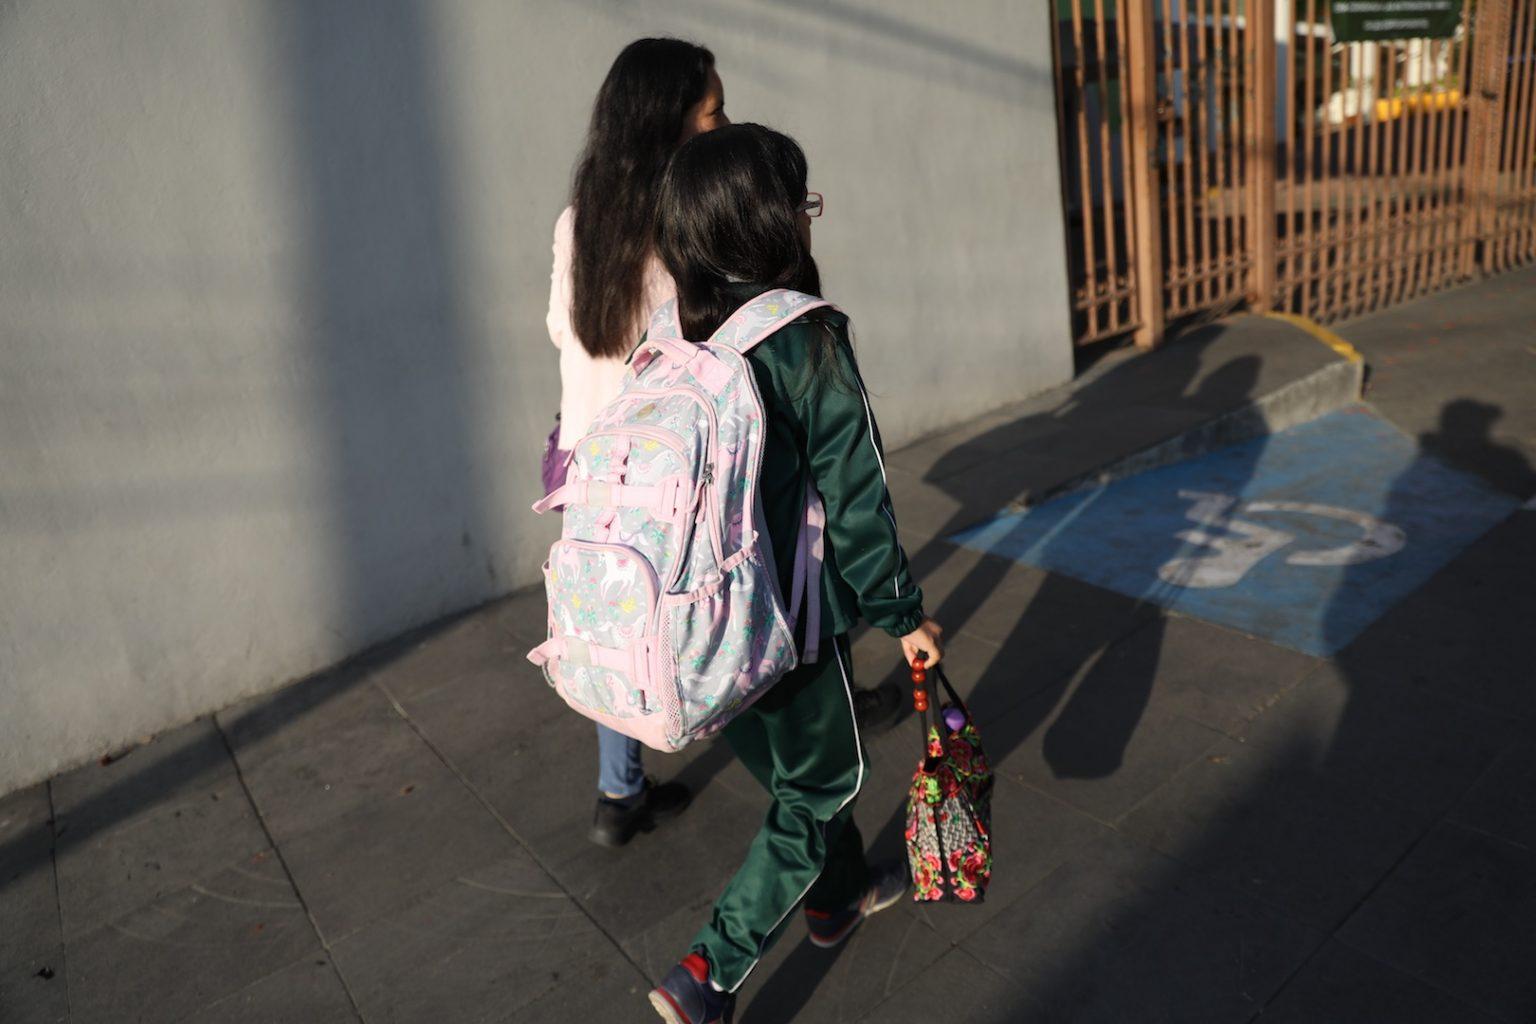 cierre-de-escuelas-coronavirus-1536×1024